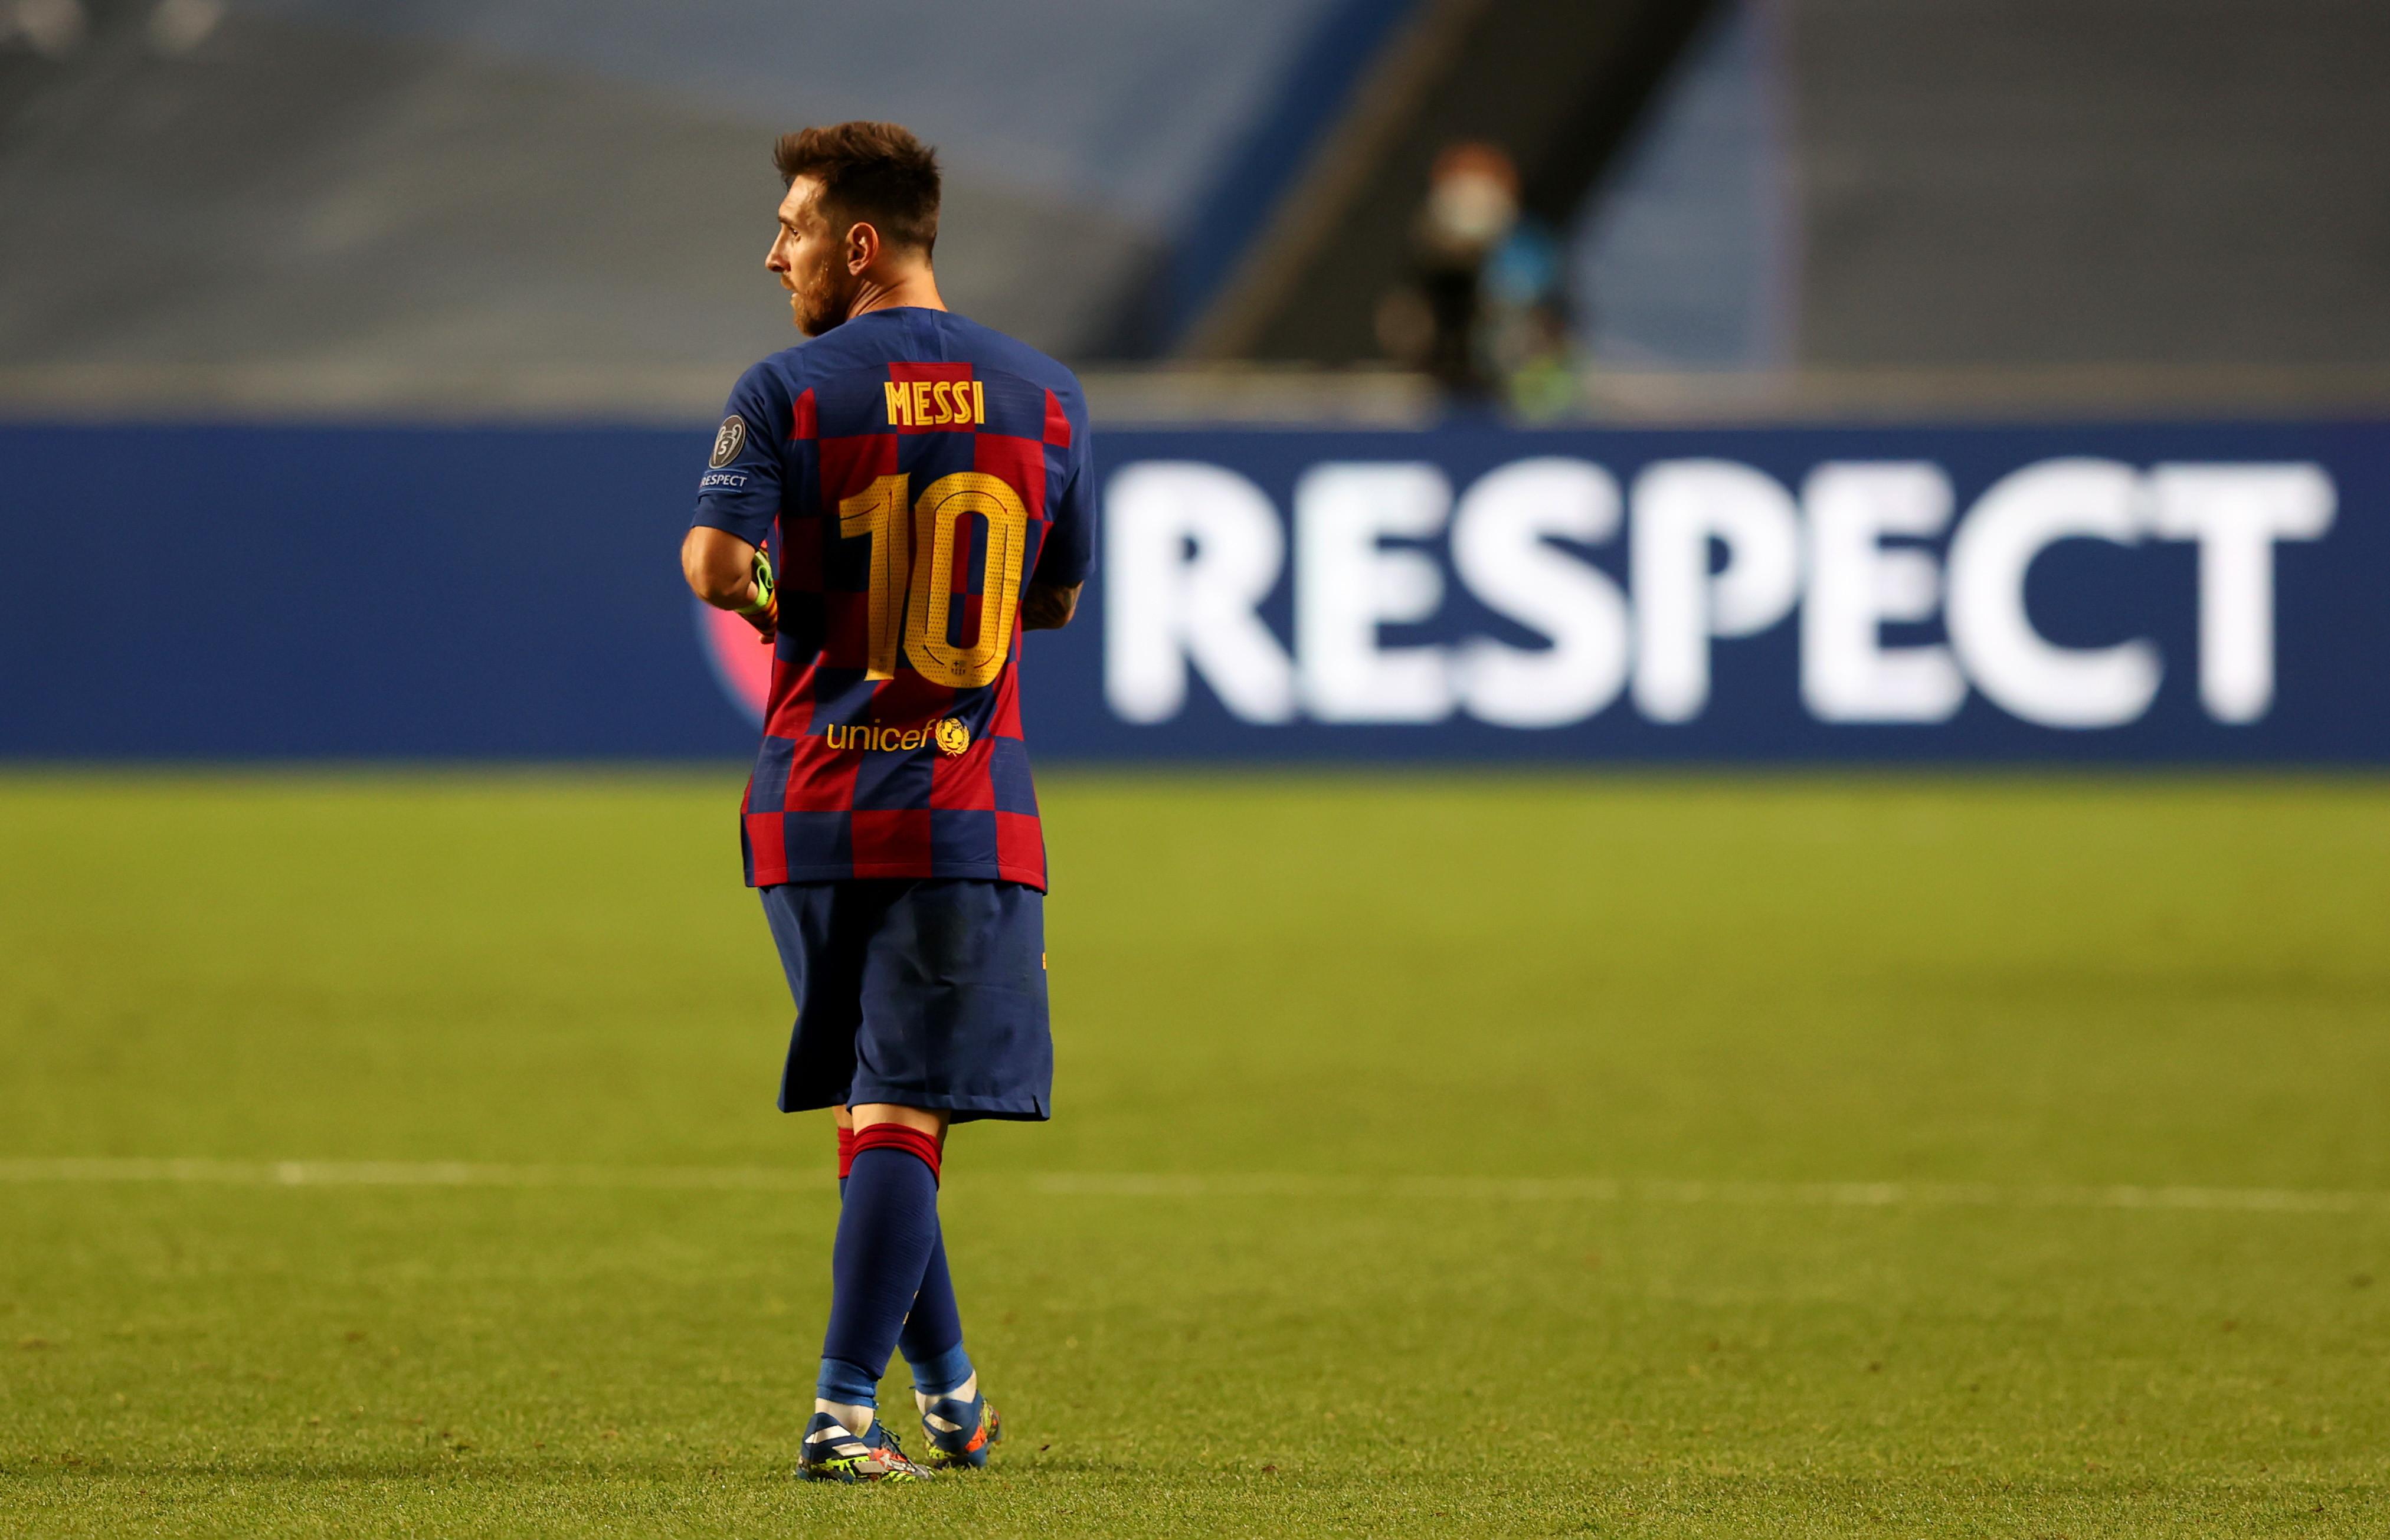 Leo Messi: ha detto di sentirsi più fuori che dentro al nuovo progetto